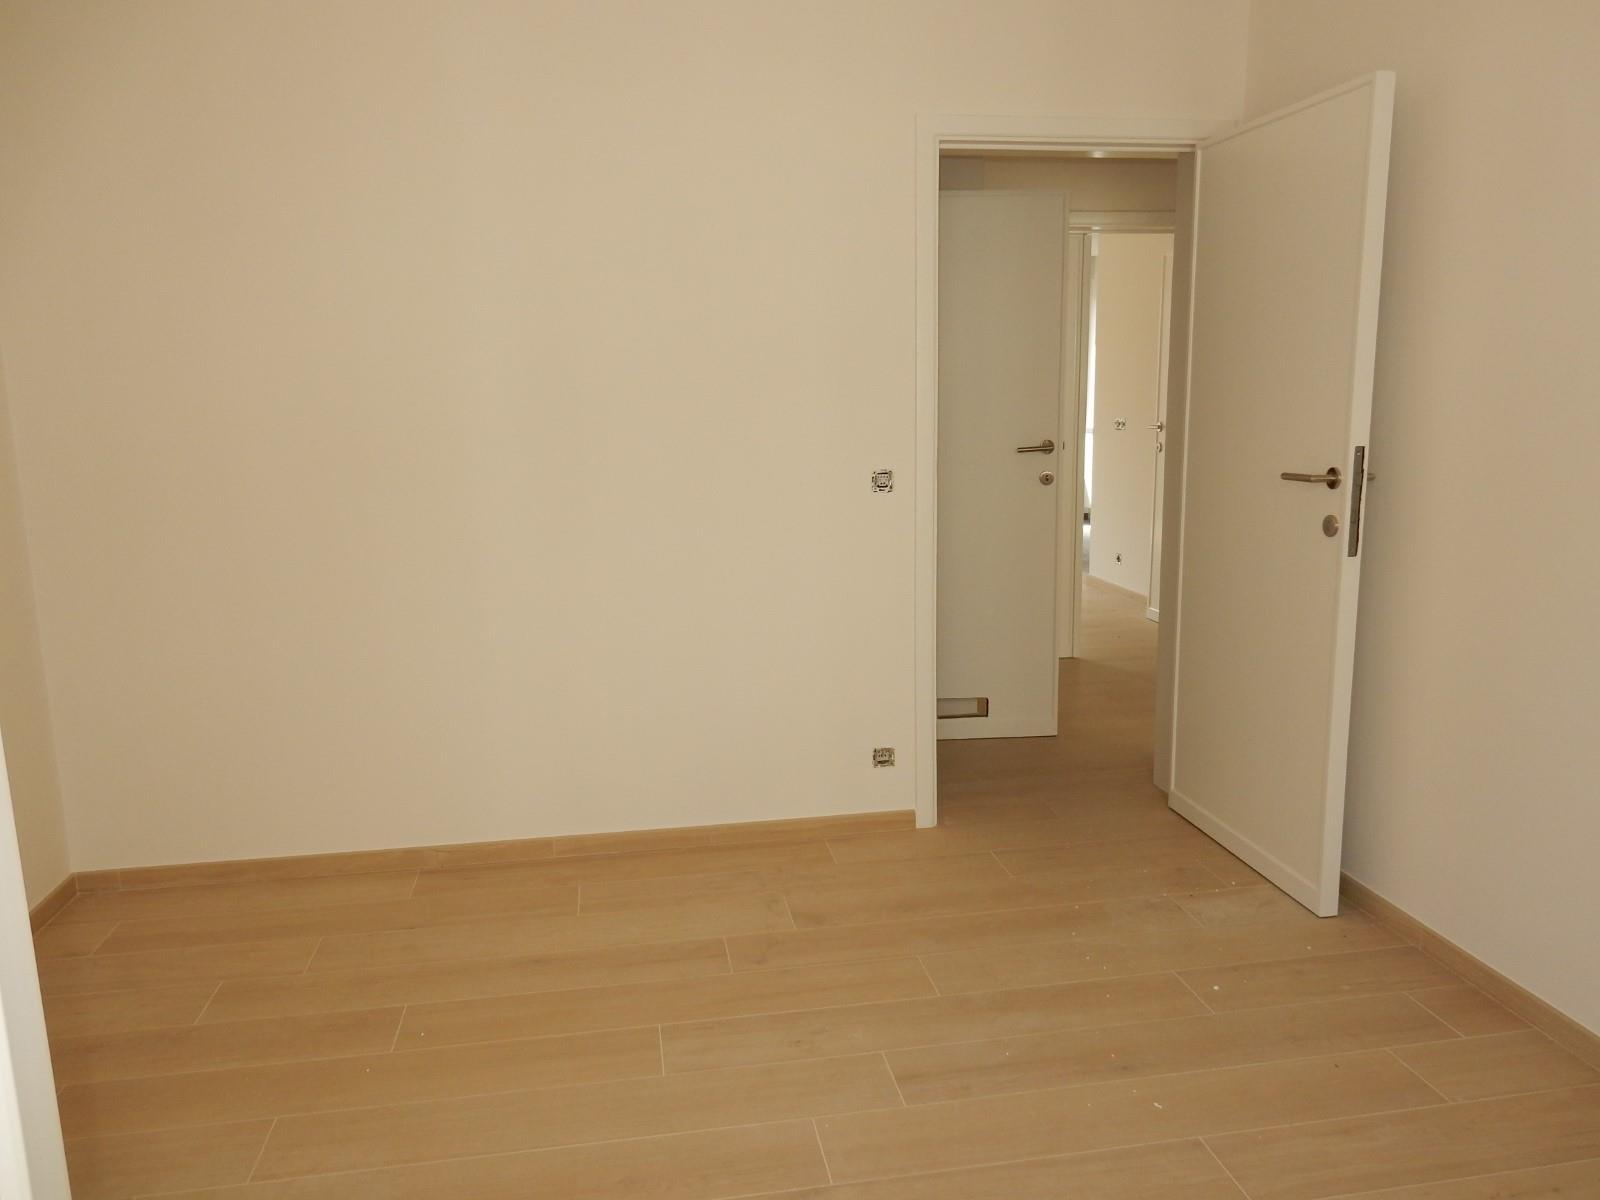 Flat - Schaerbeek - #4199444-11